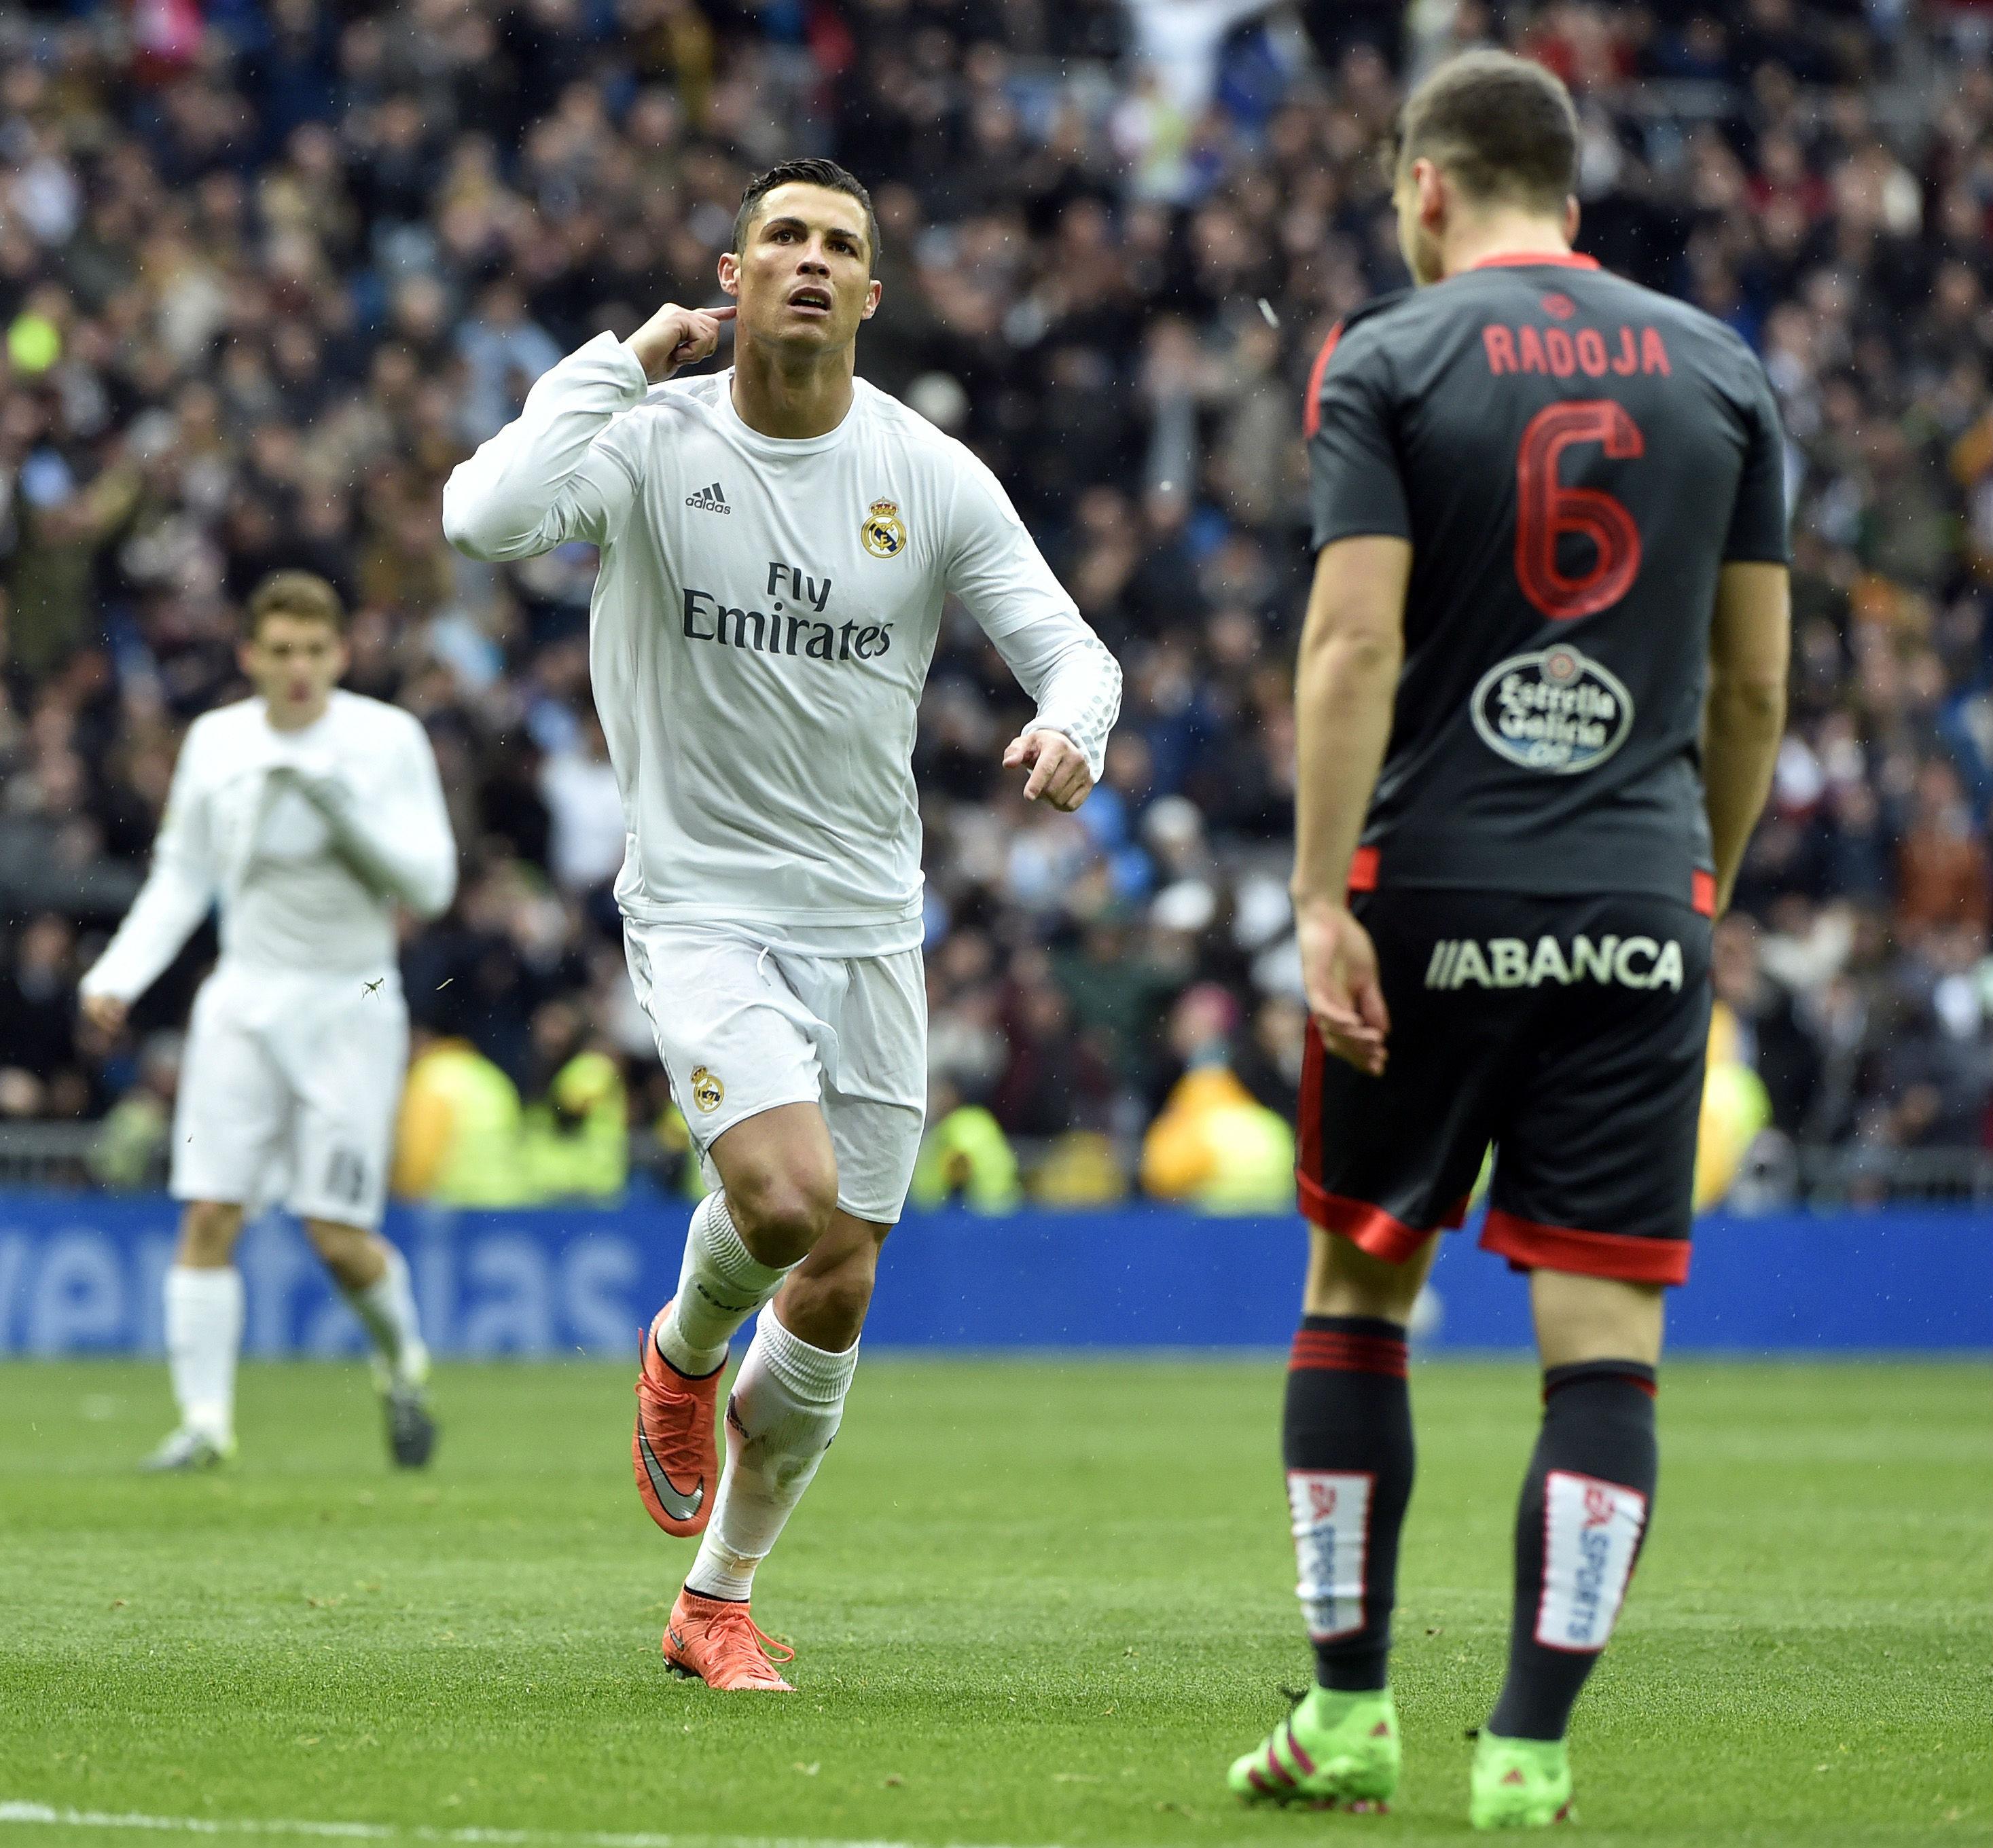 Celta Vigo Vs Barcelona Ronaldo7: Ronaldo Responds To Real Madrid Whistles With Celebration